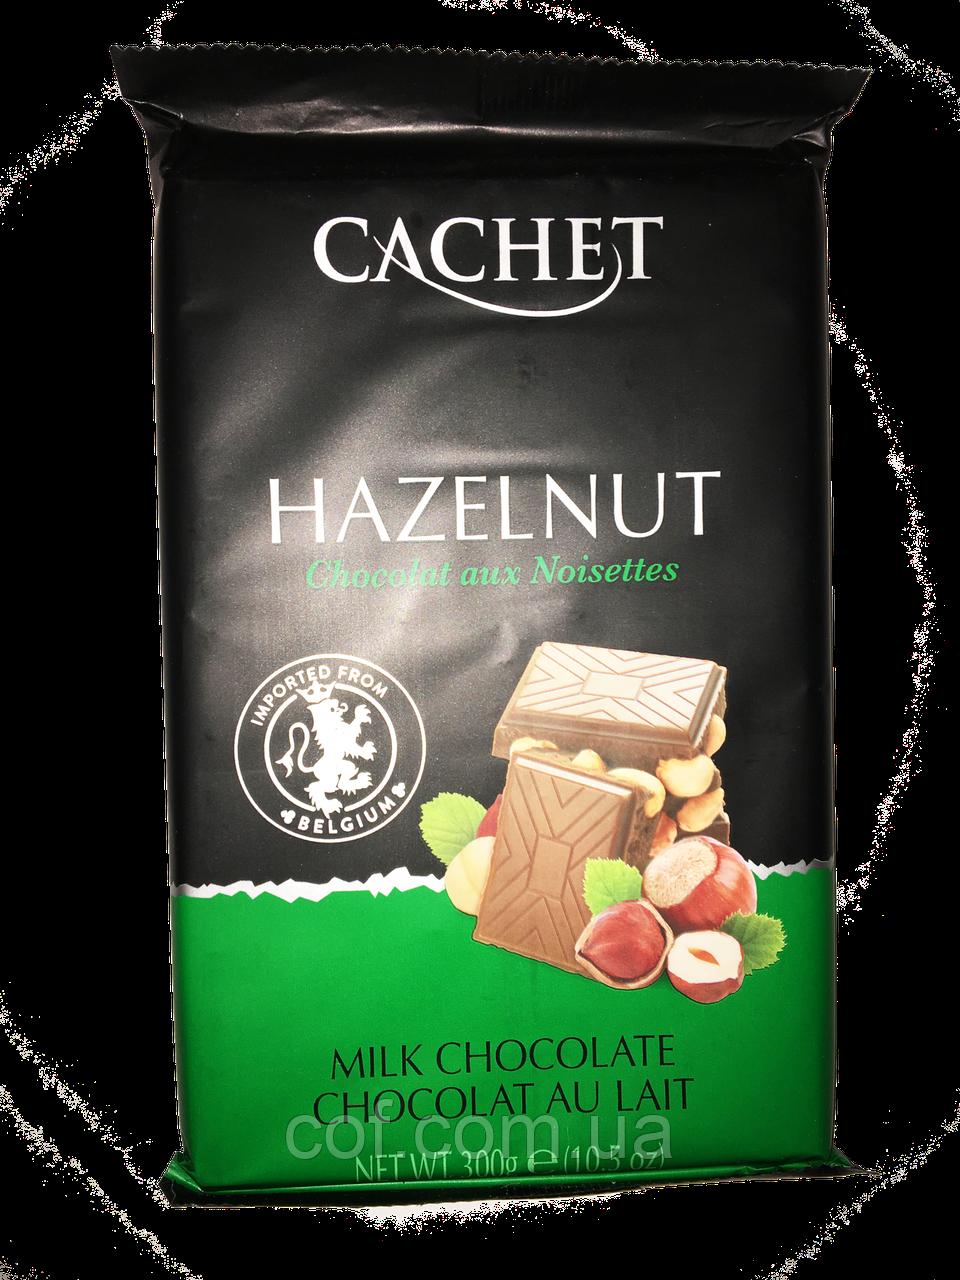 Шоколад молочный Cachet Hazelnut (с цельным лесным орехом) 300г (Бельгия)